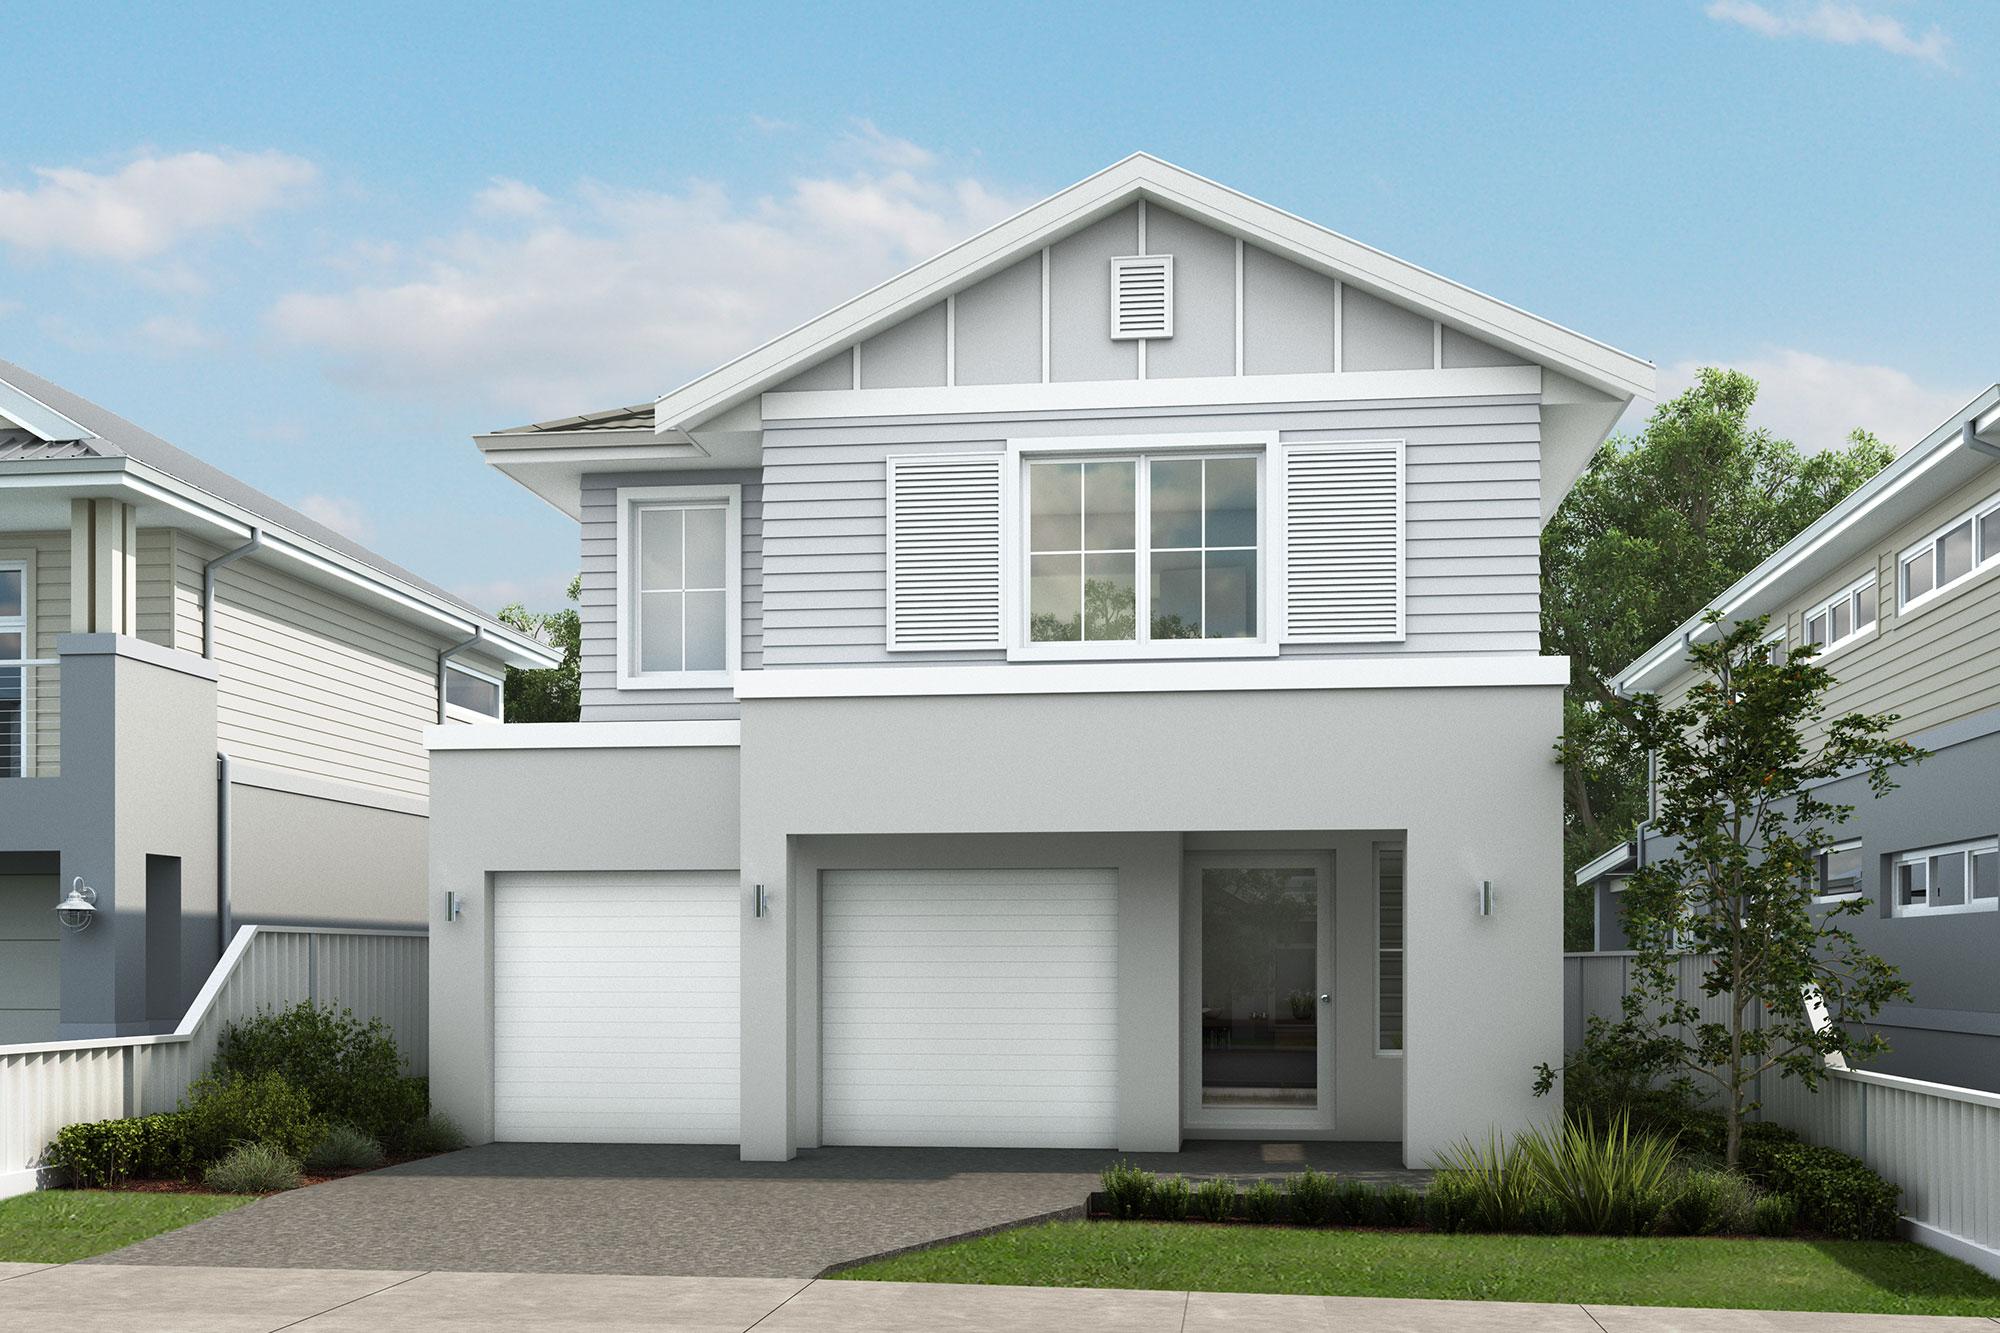 hallharthomes-mayfair-10m-mayfair-facade-2000x1333